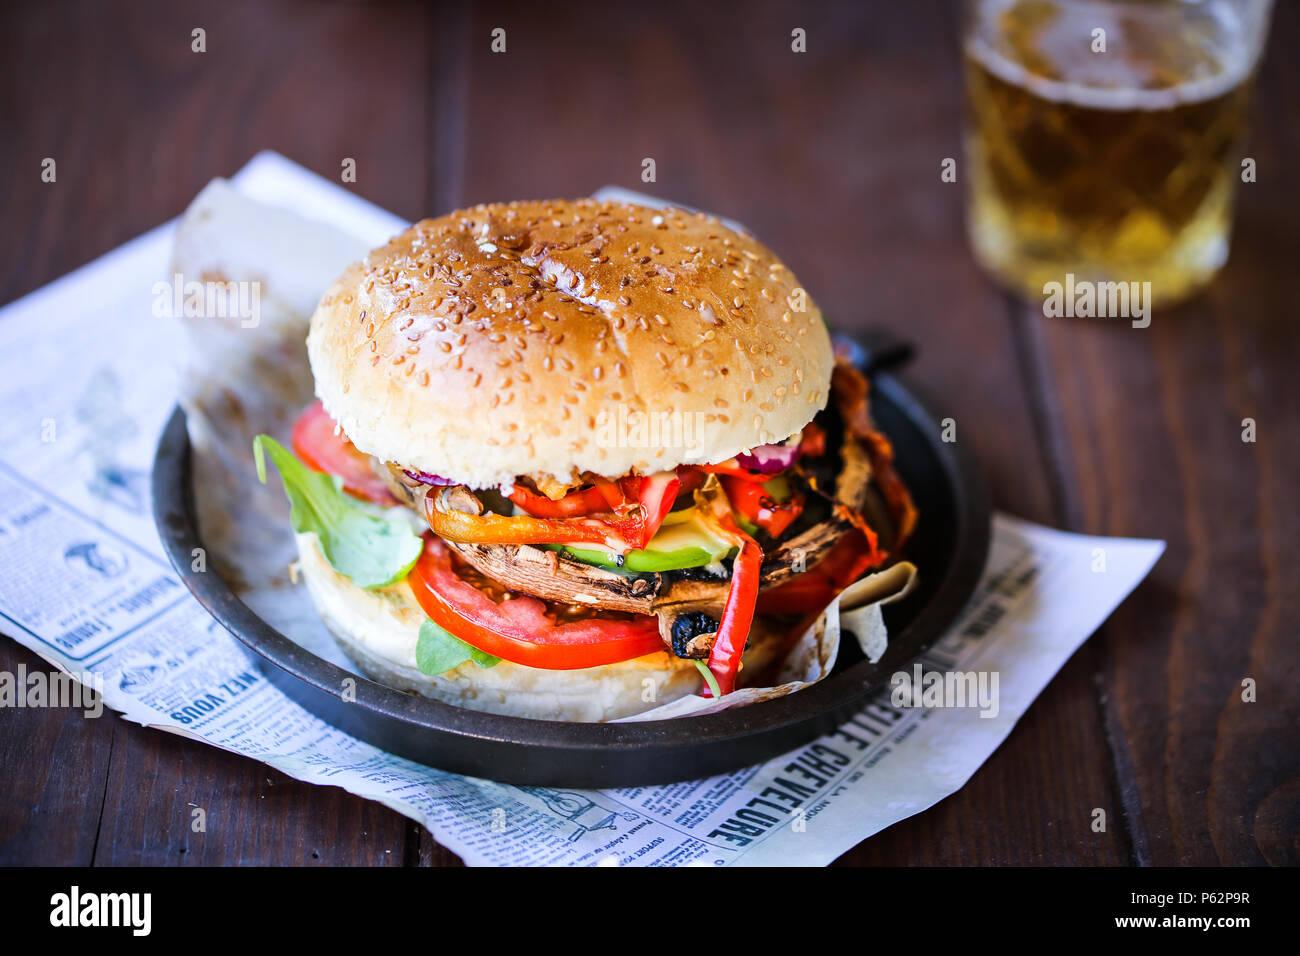 Köstliche gegrillte portobello Pilze Burger mit viel Gemüse Stockbild